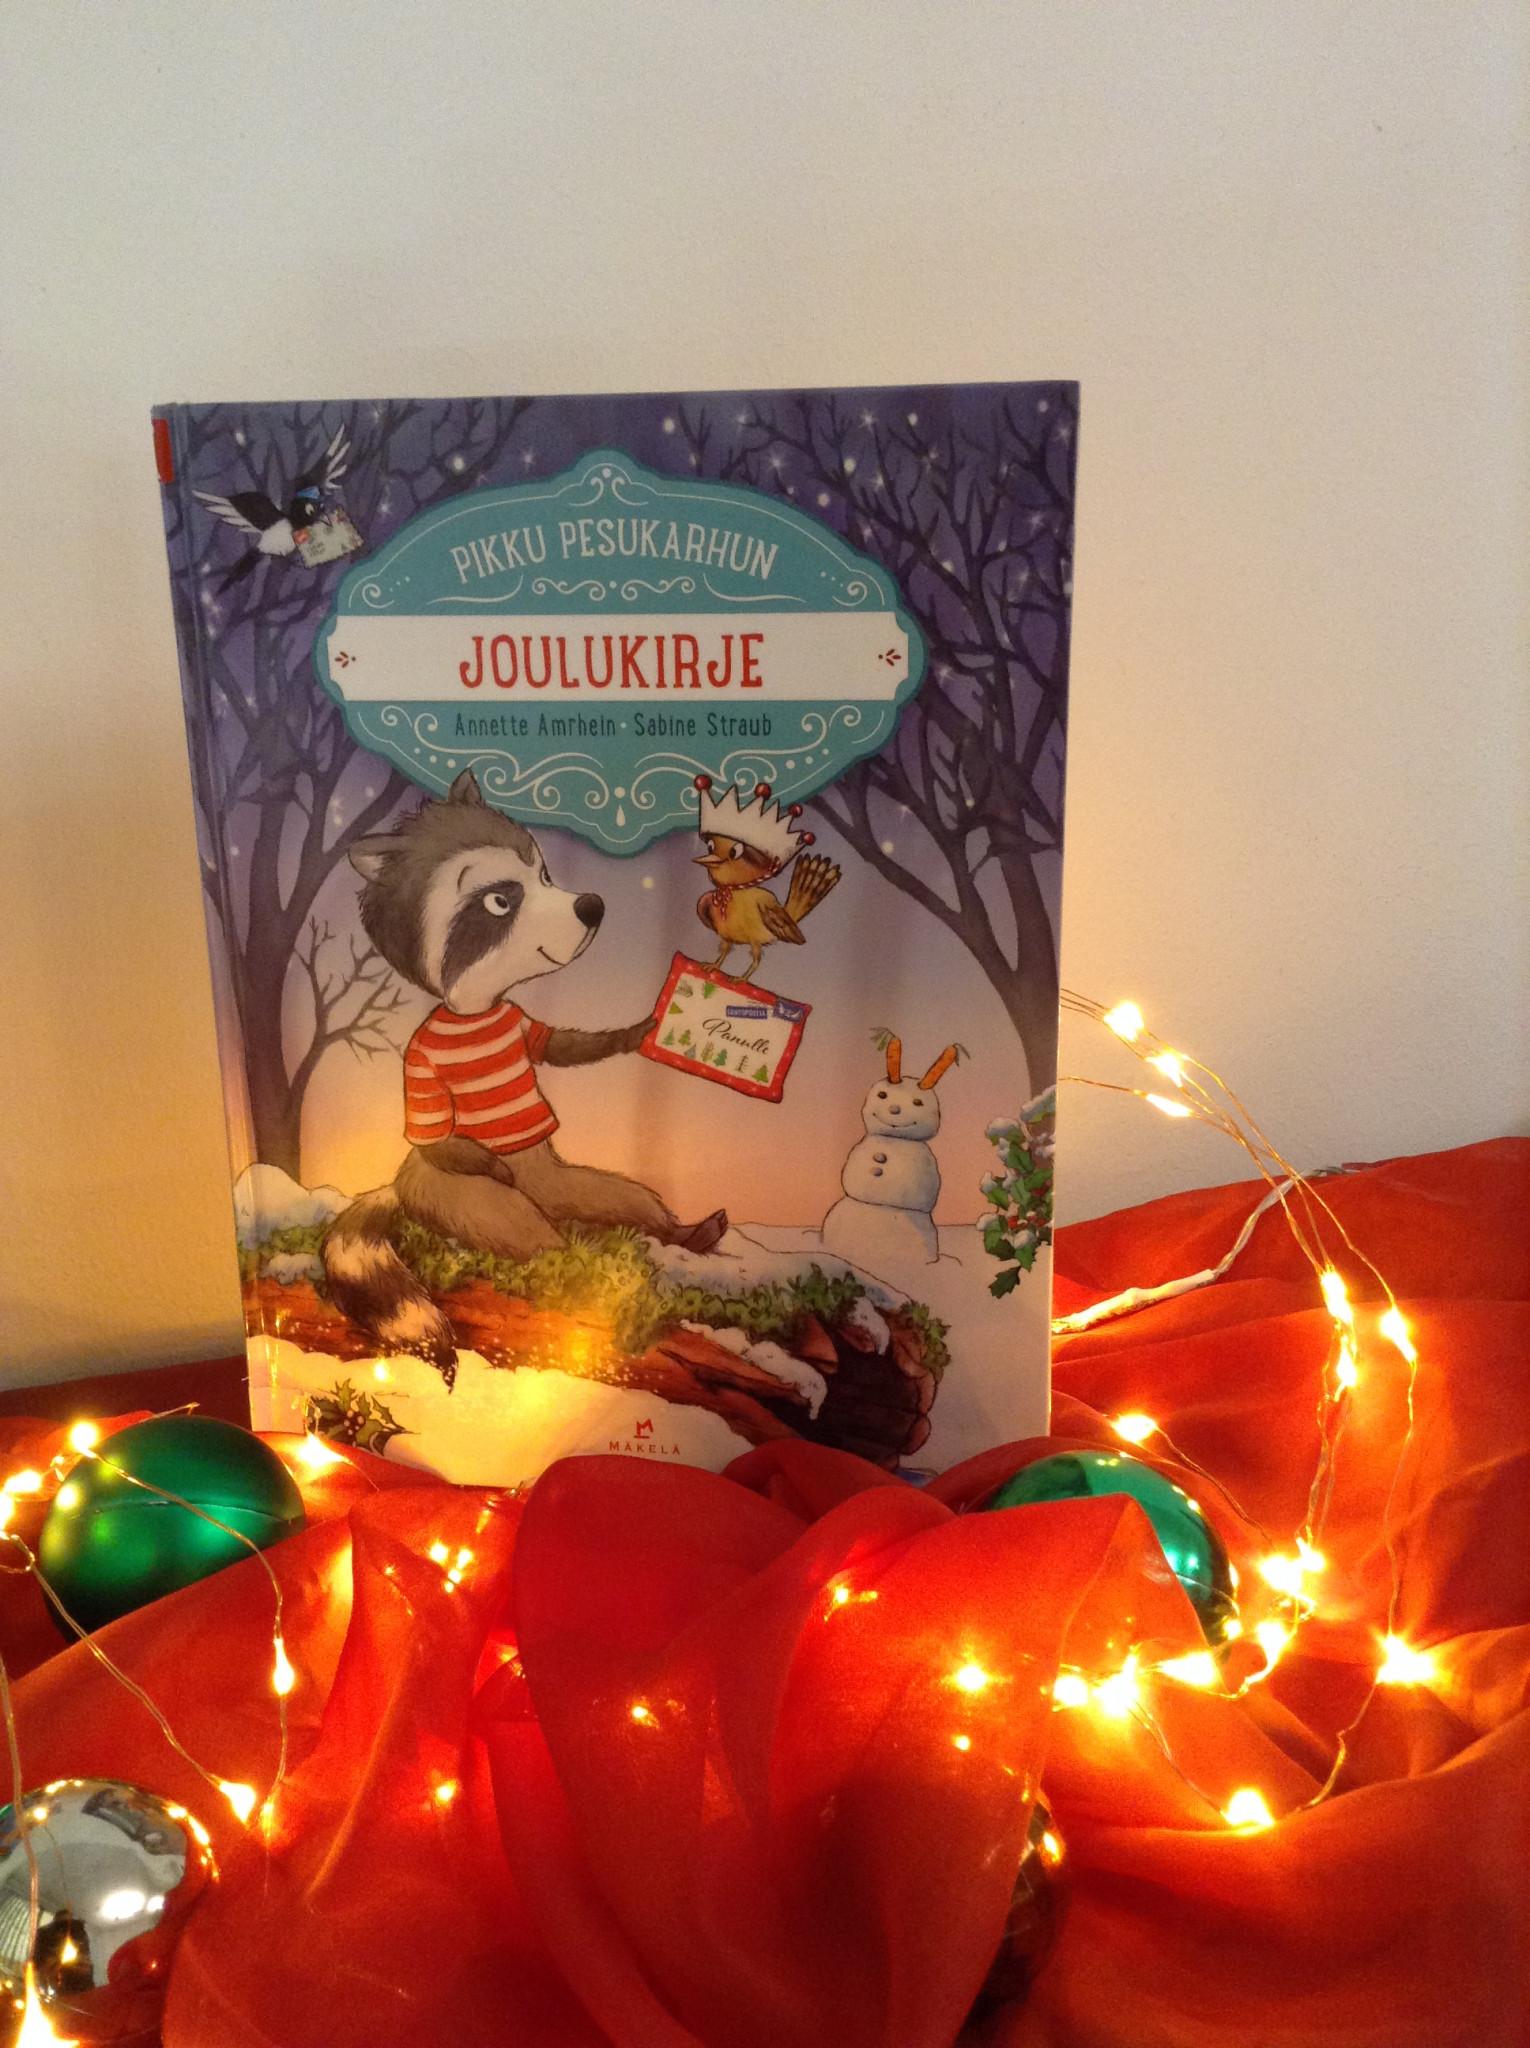 """Jouluinen asetelma, jossa lastenkirja """"Pikku Pesukarhun joulukirje"""" nojaa seinään punaisen kankaan päällä. Kirjan edessä on joulupalloja ja jouluvalosarja."""